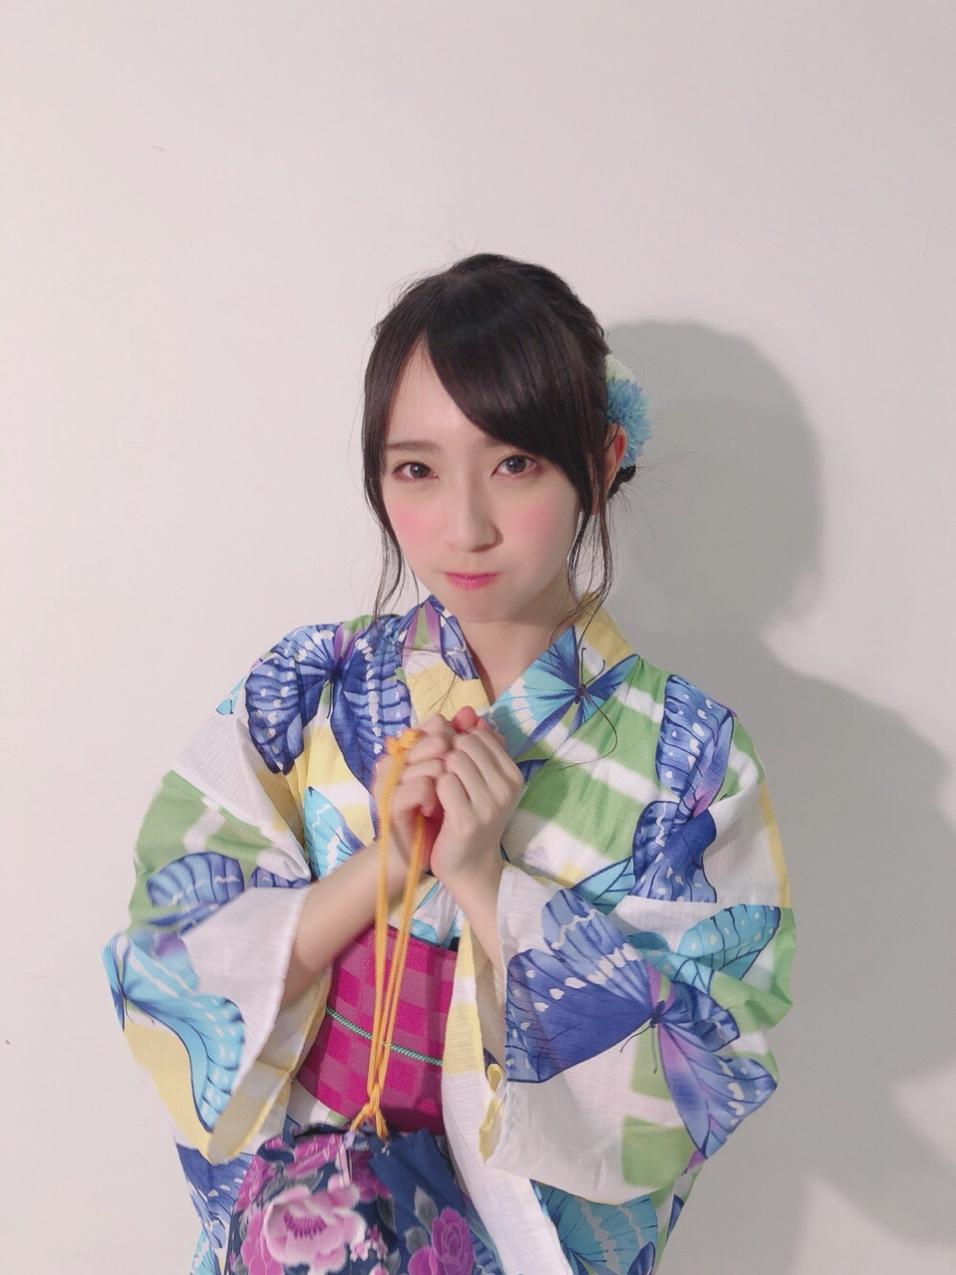 金村 美玖公式ブログ 日向坂46公式サイト